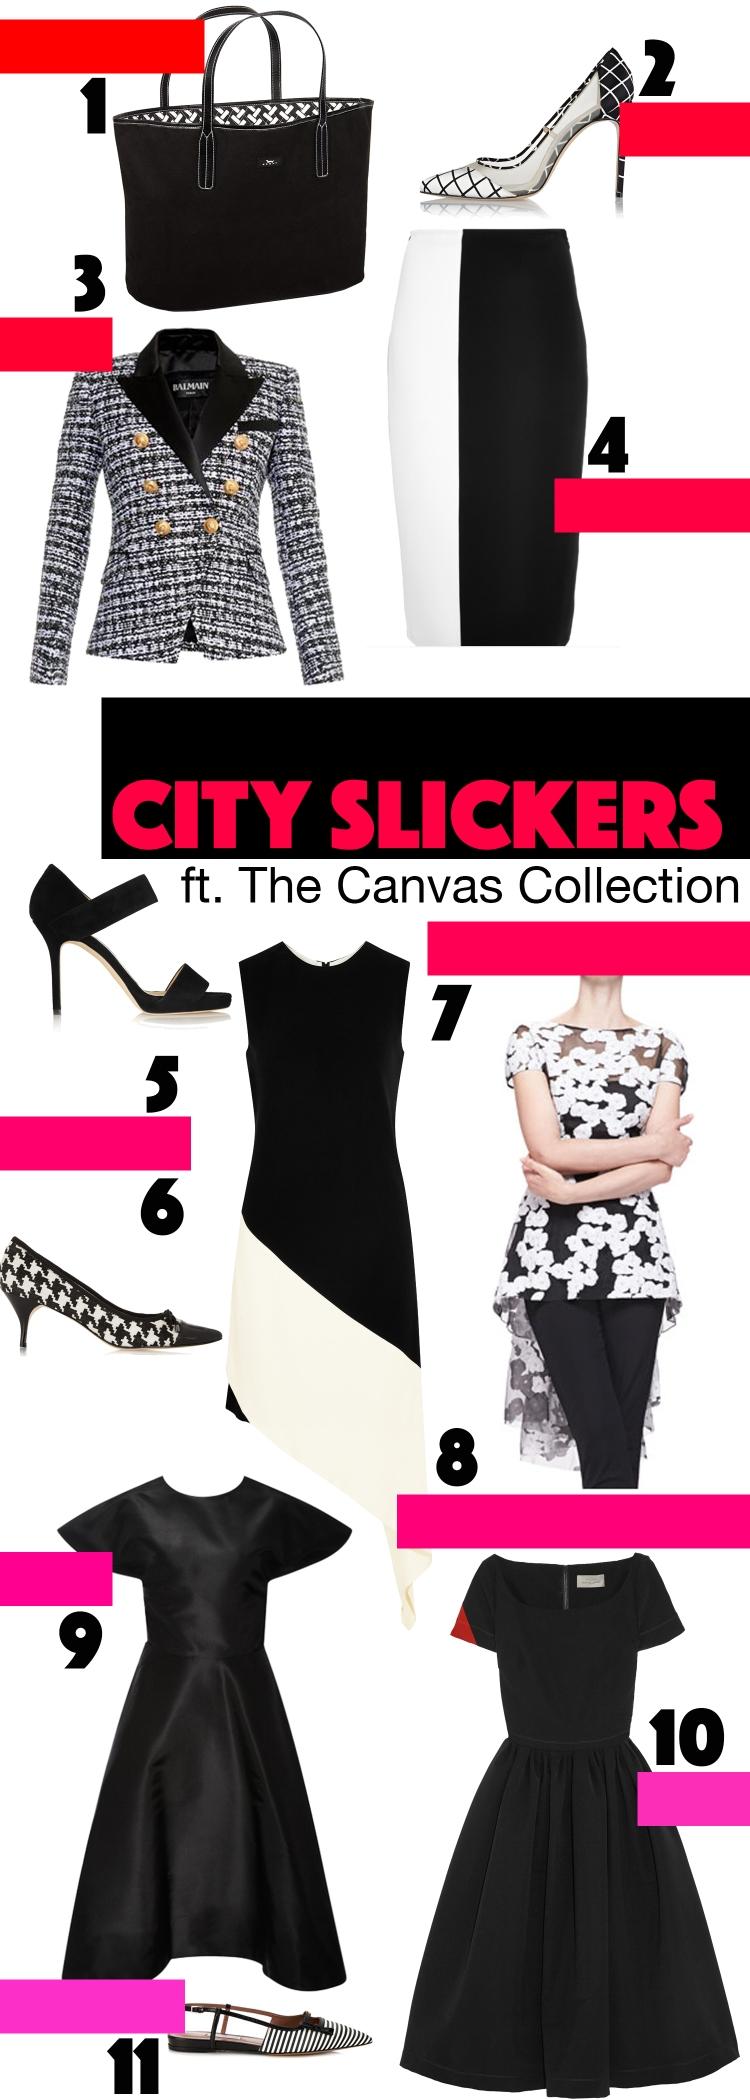 cityslicker